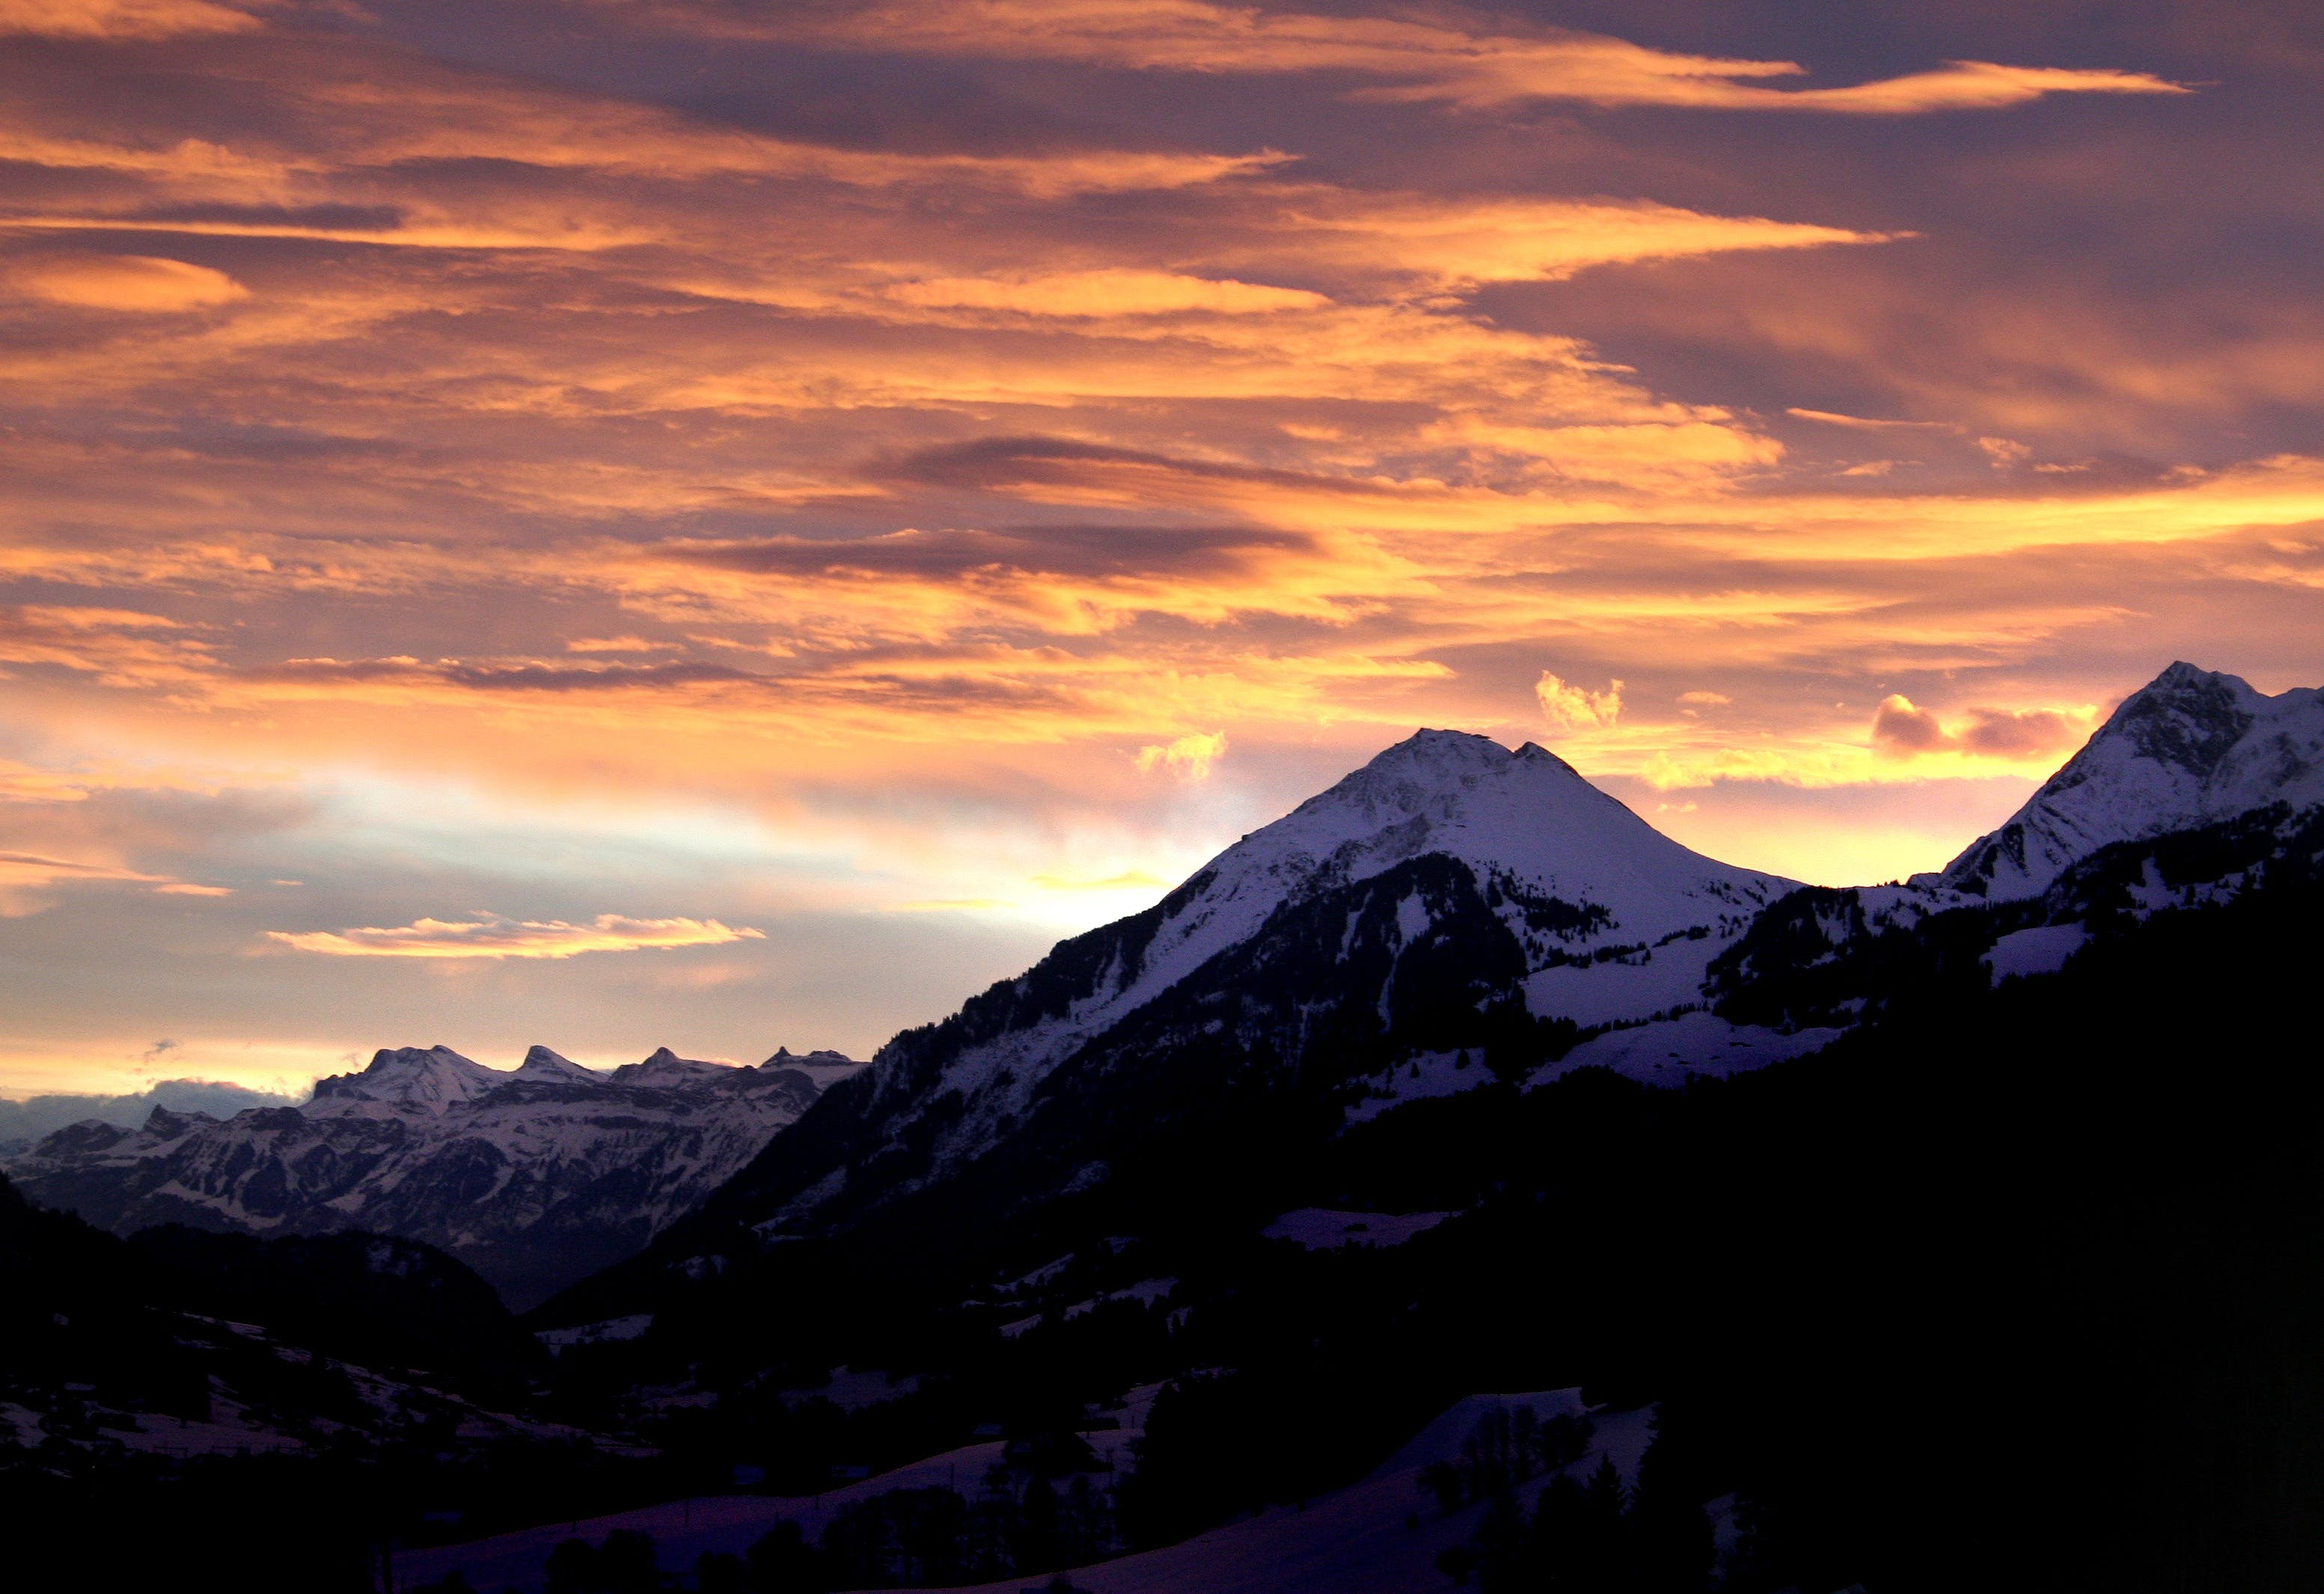 Kostenloses Stock Foto zu berg, dämmerung, himmel, kalt